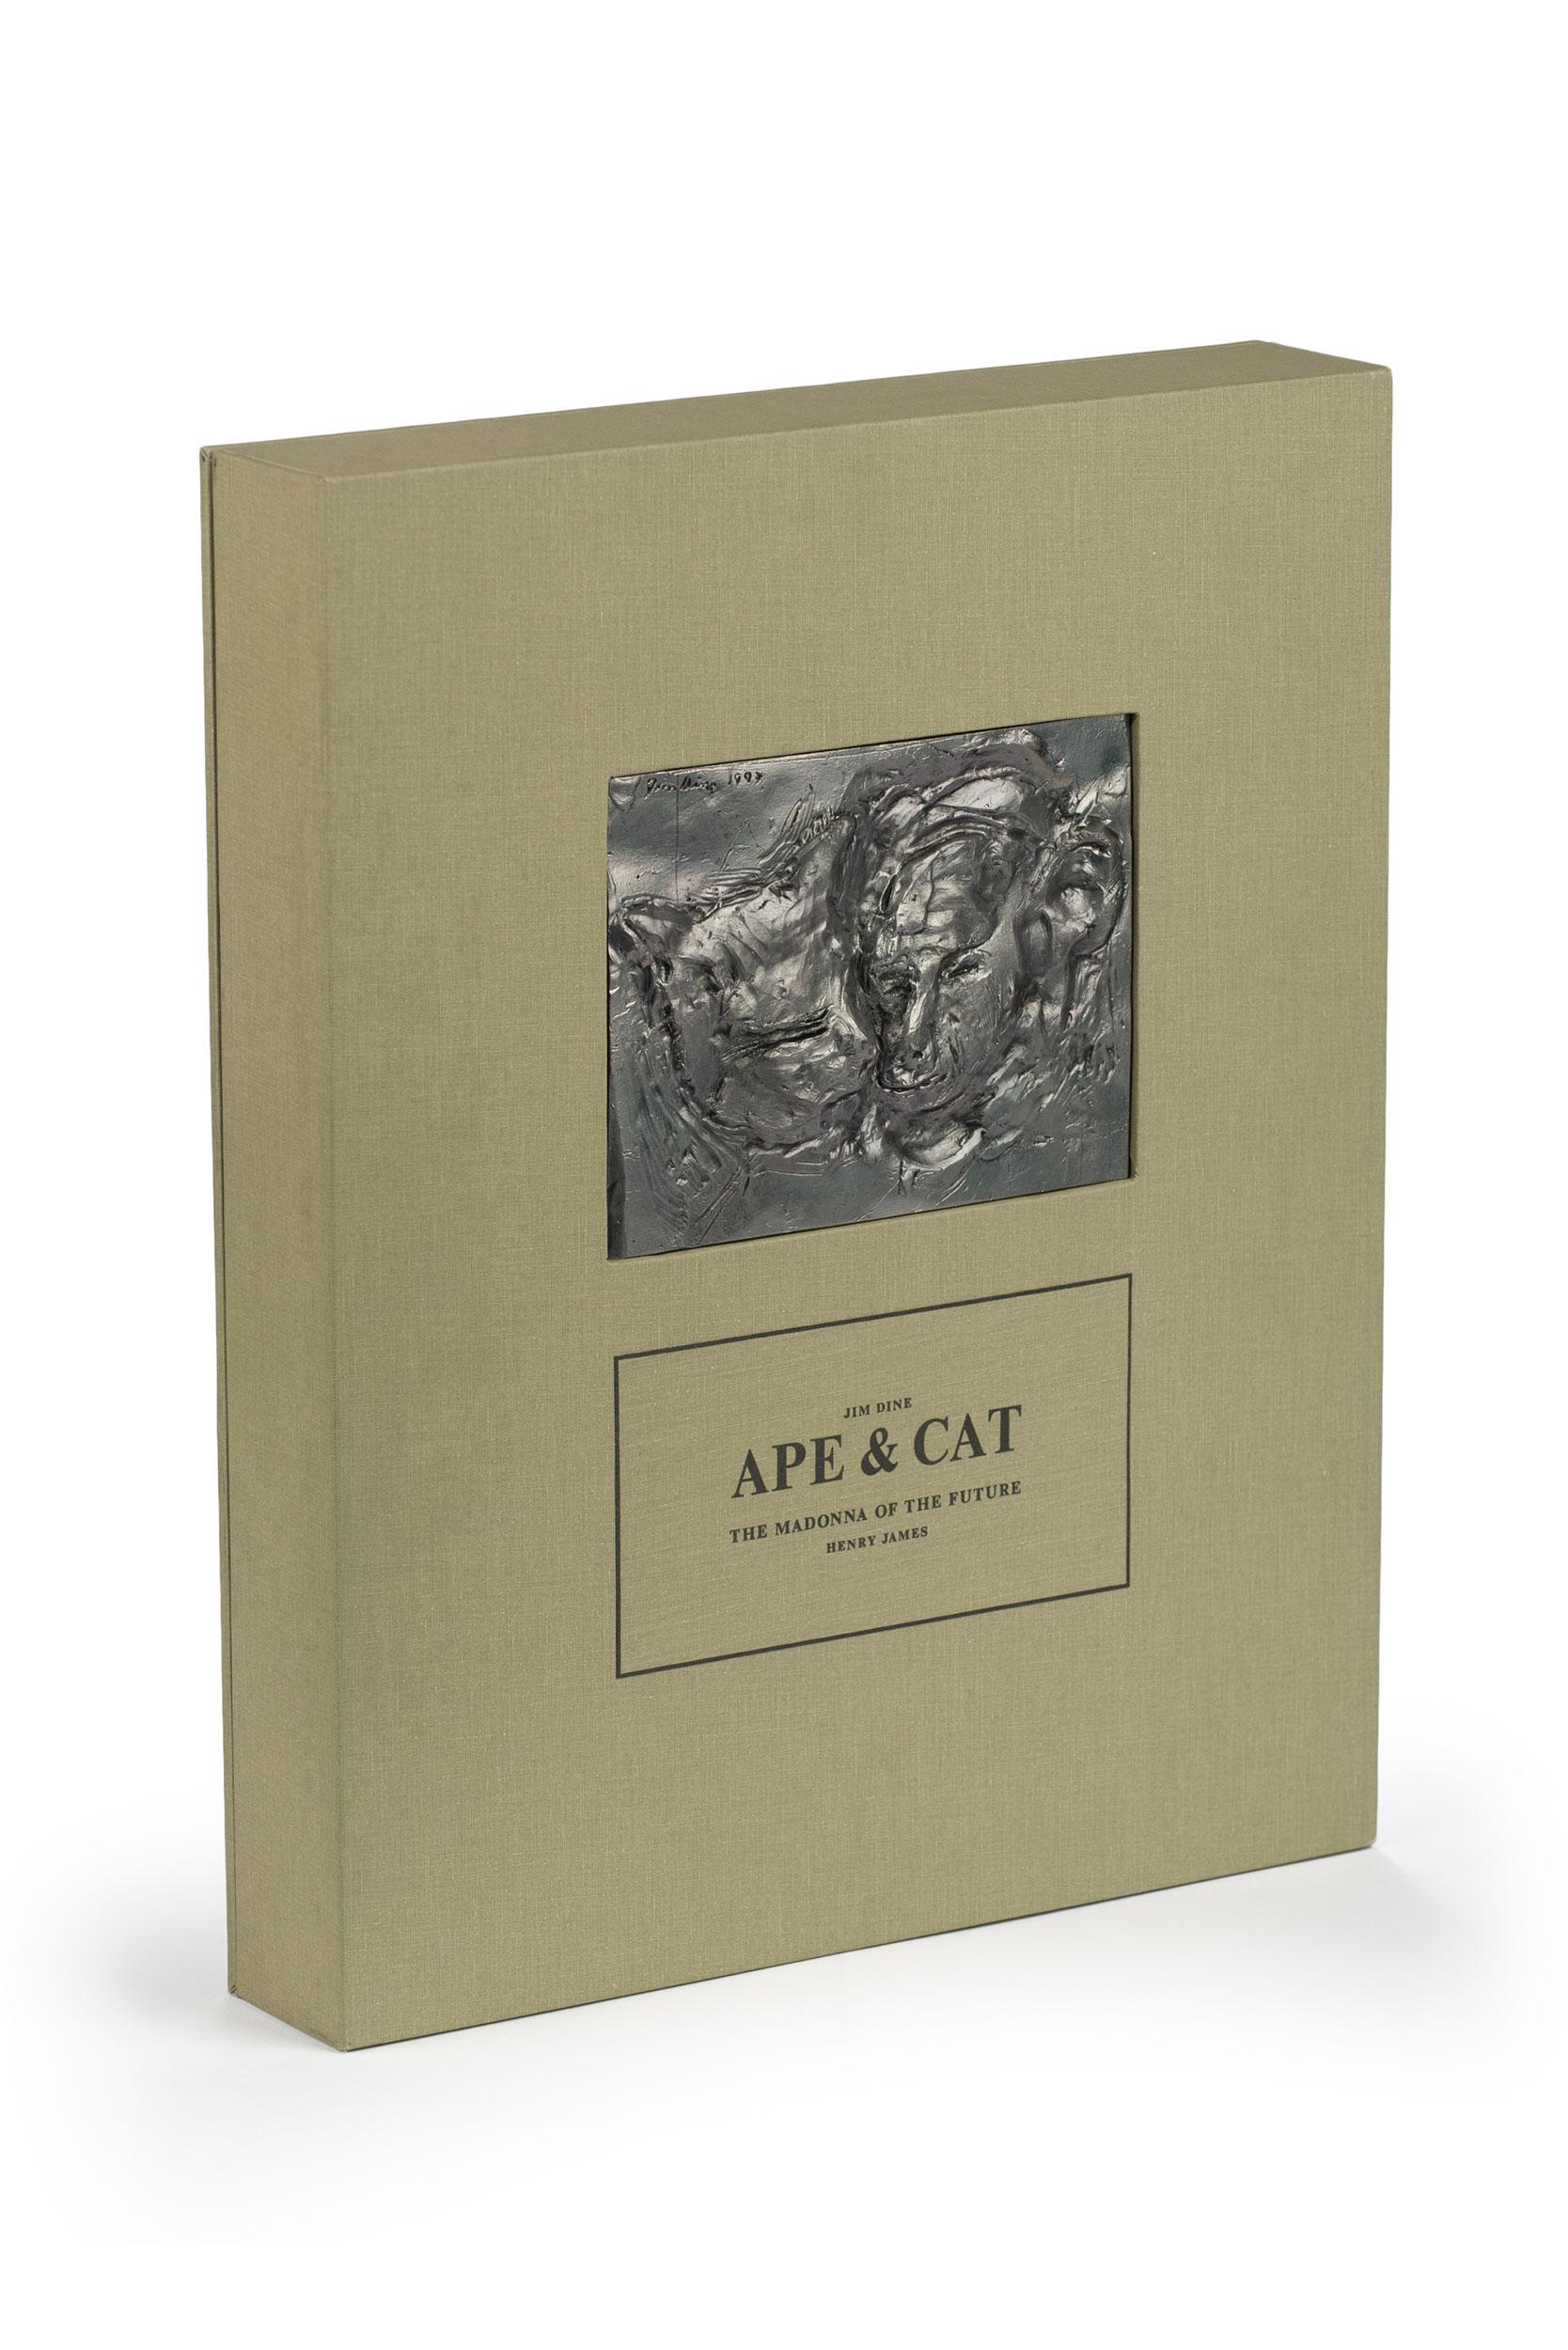 052_Ape-&-Cat-Slipcase-34.jpg